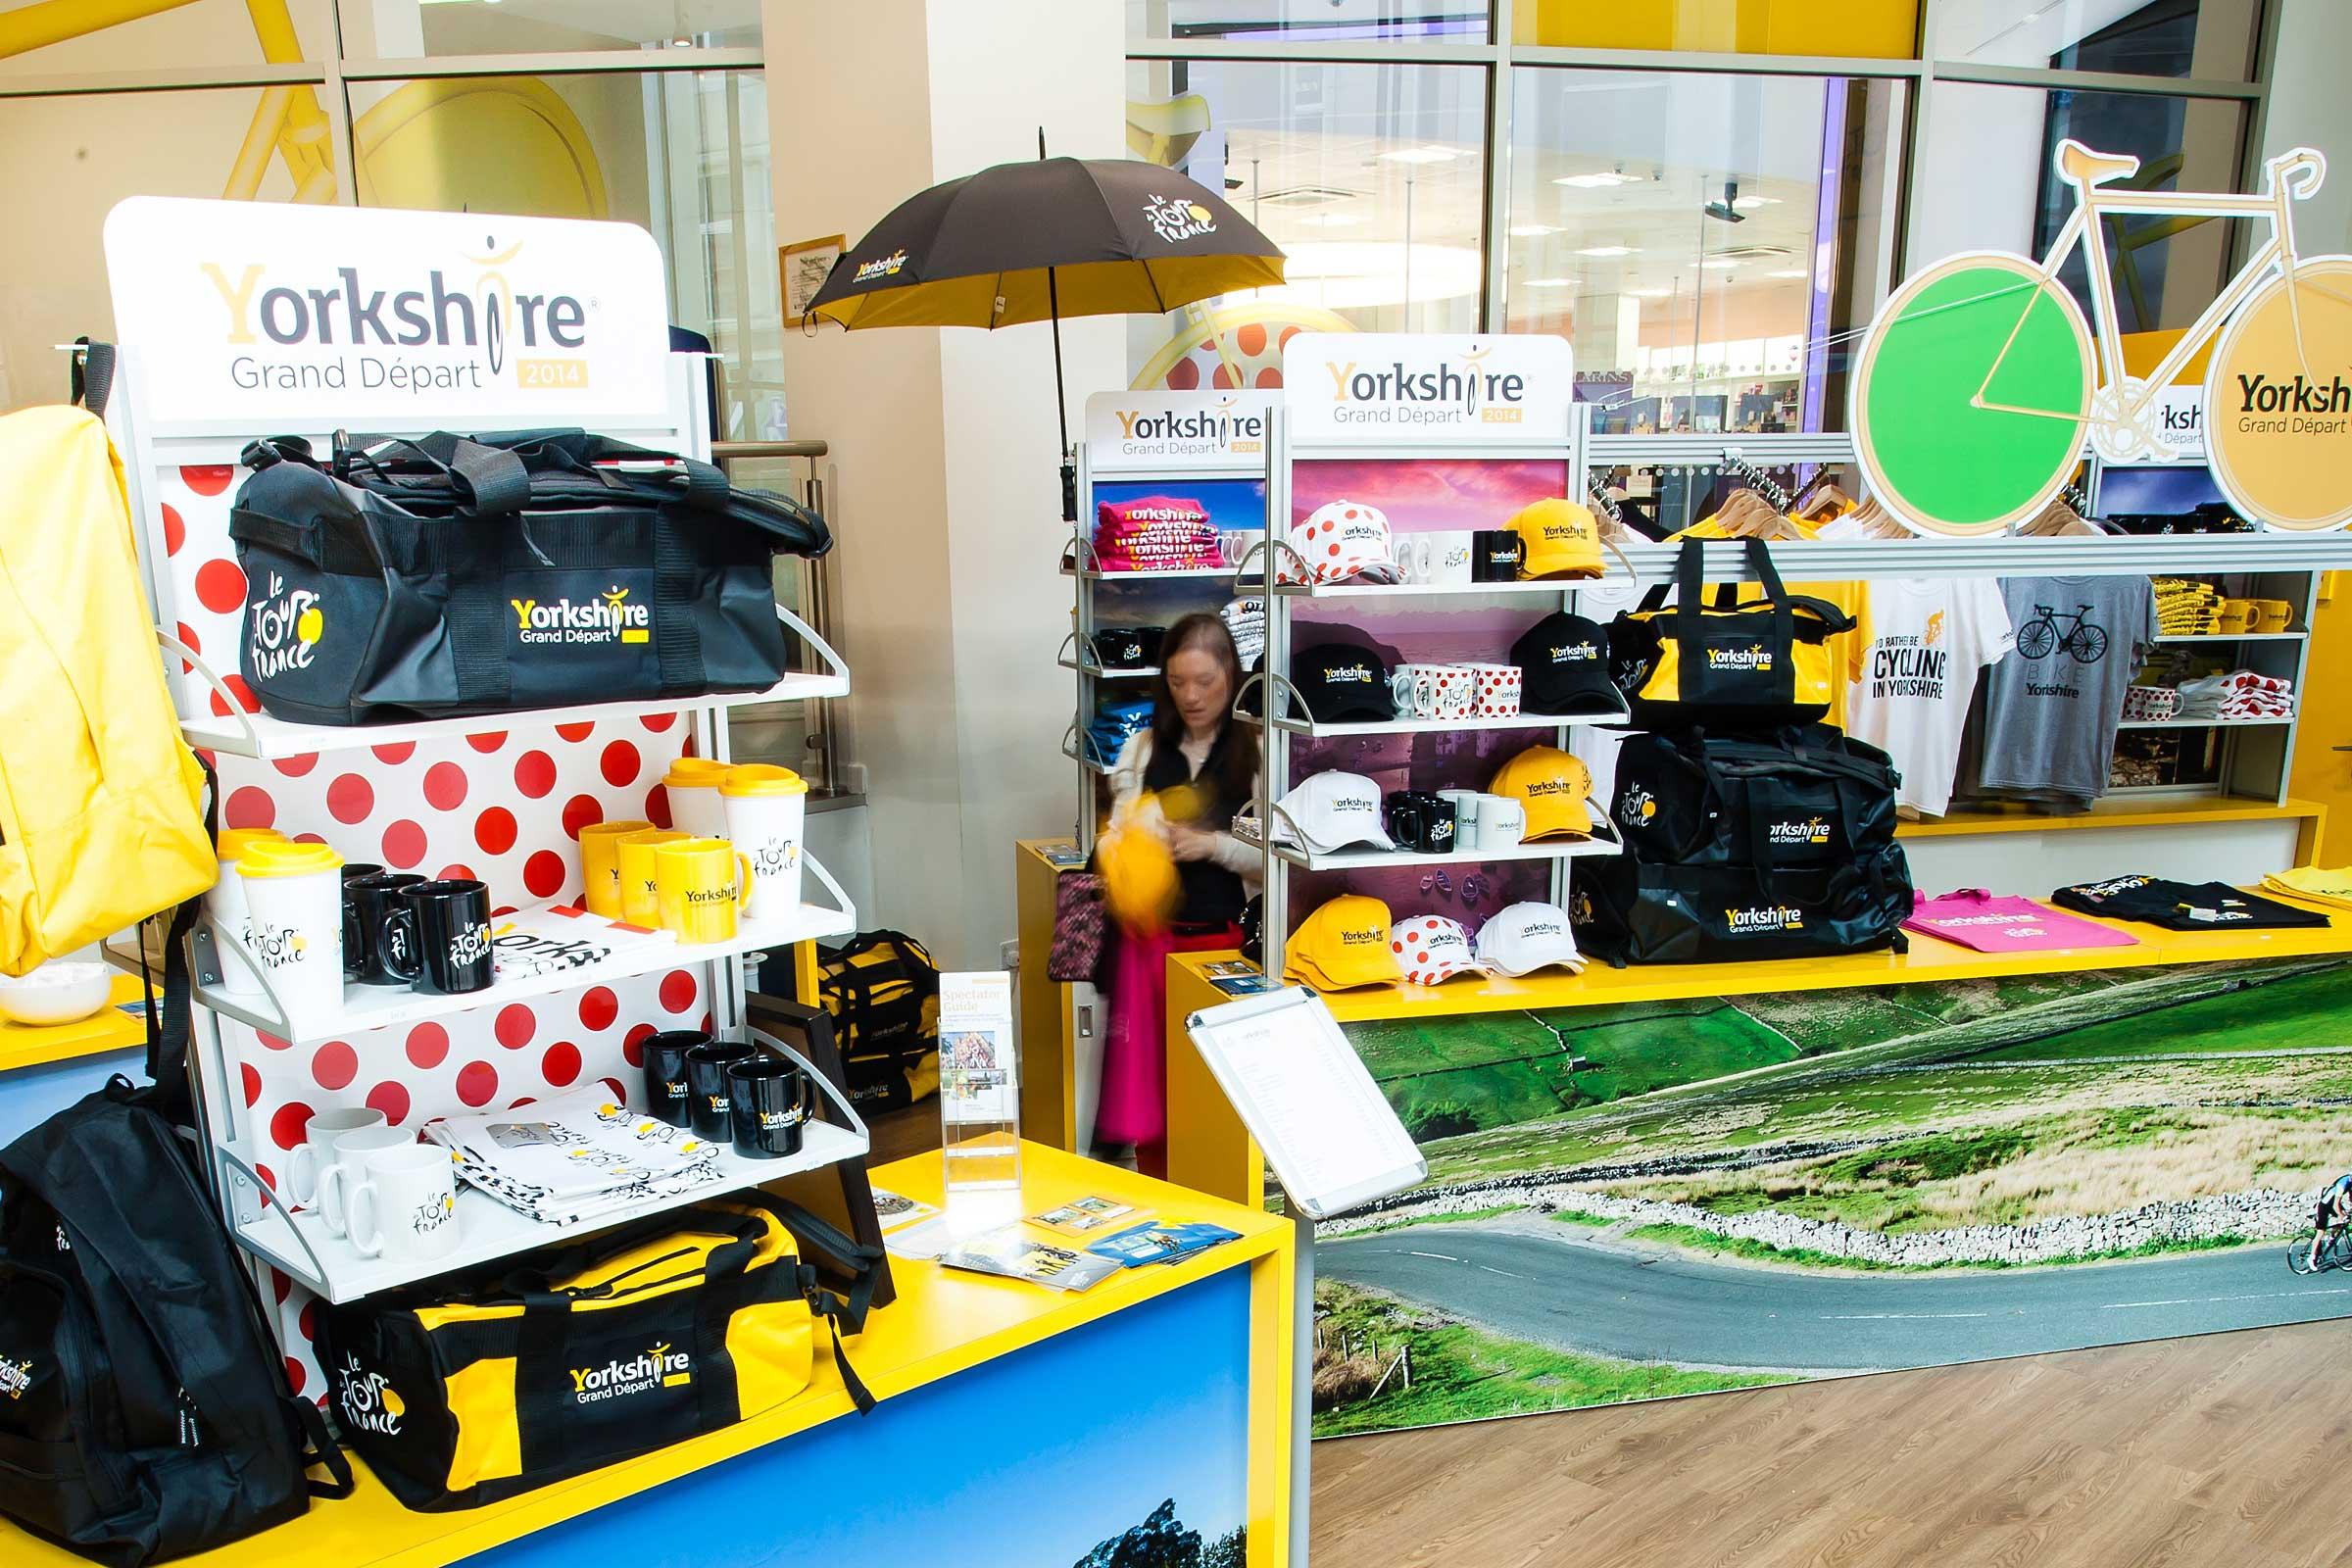 Tour De France, Yorkshire, Retail Display